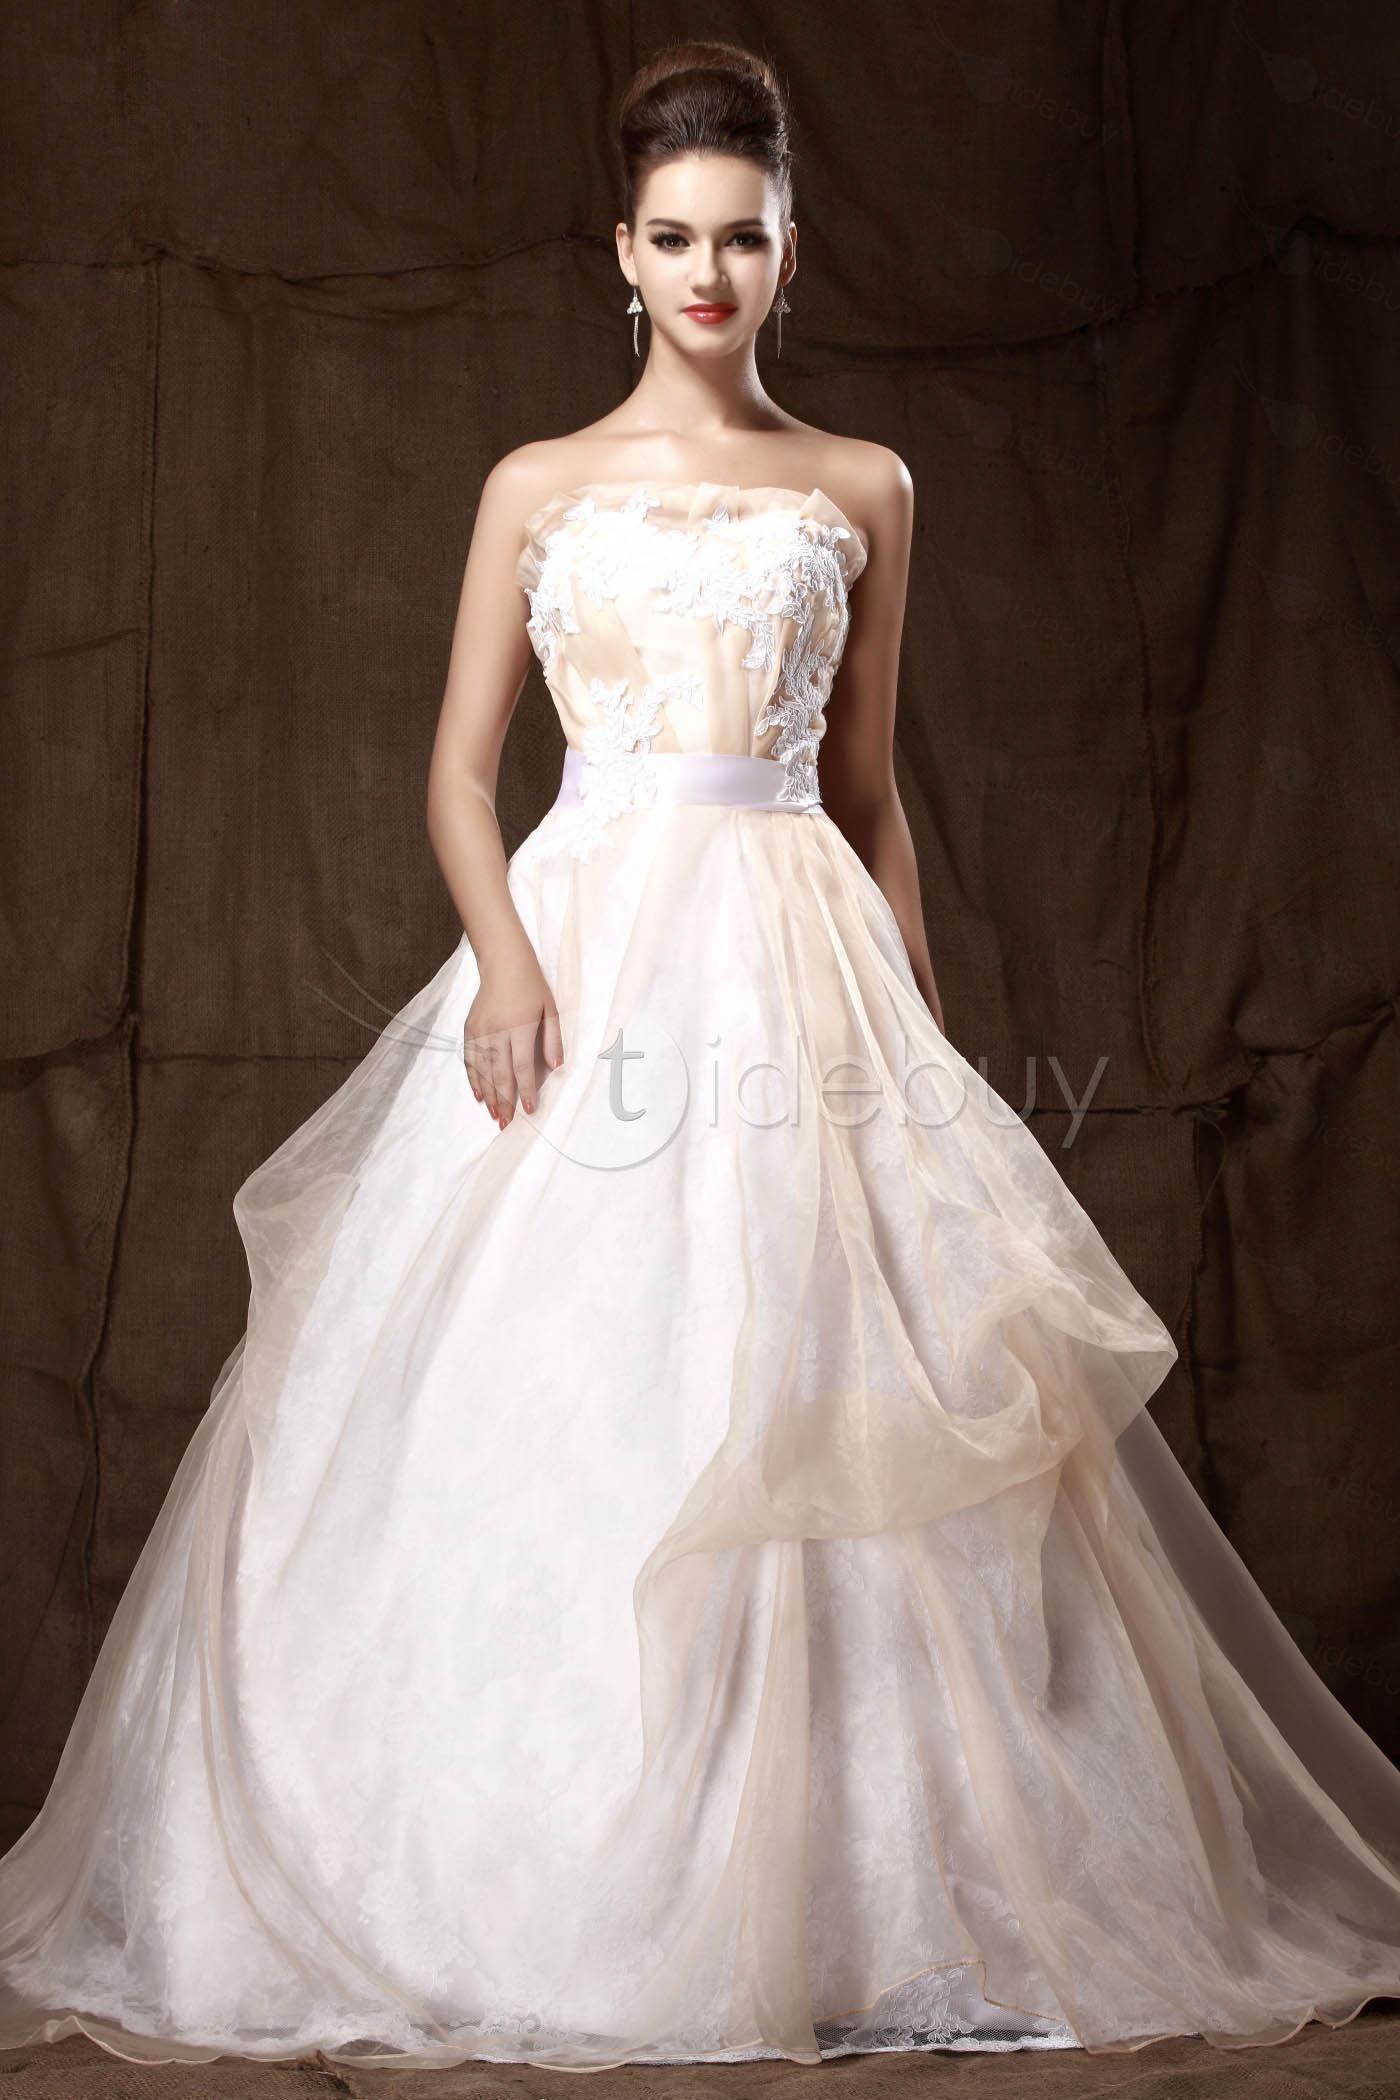 Wedding dresssweetheart wedding dress wedding ball gown on tidebuy